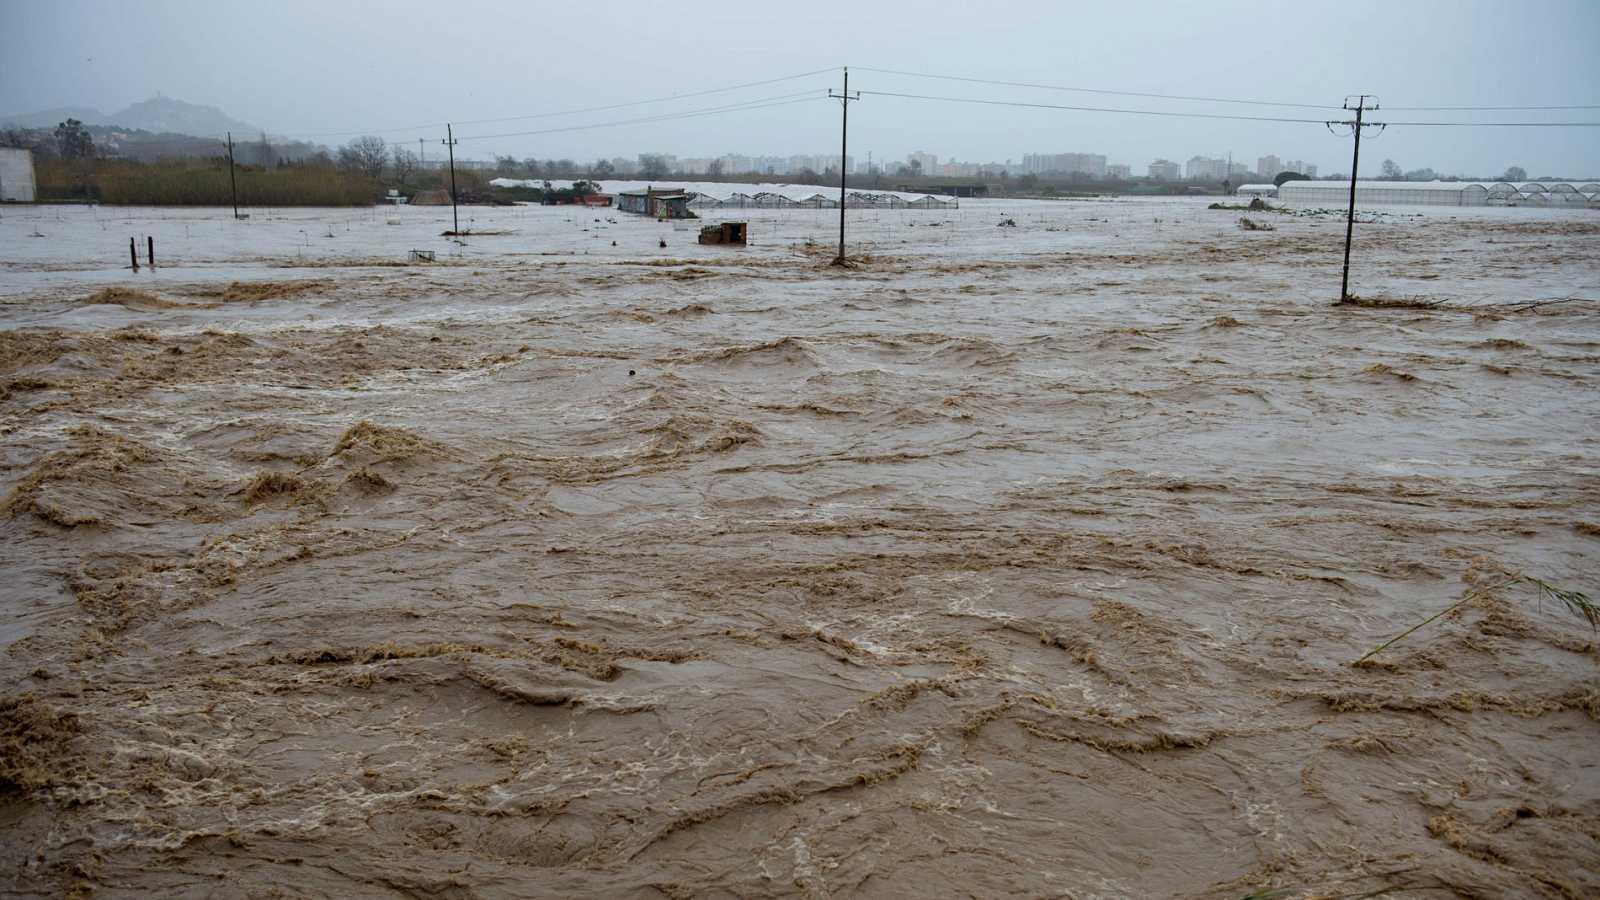 El temporal 'Gloria' inunda Cataluña y ya deja ocho muertos, cuatro desaparecidos y cuantiosos daños